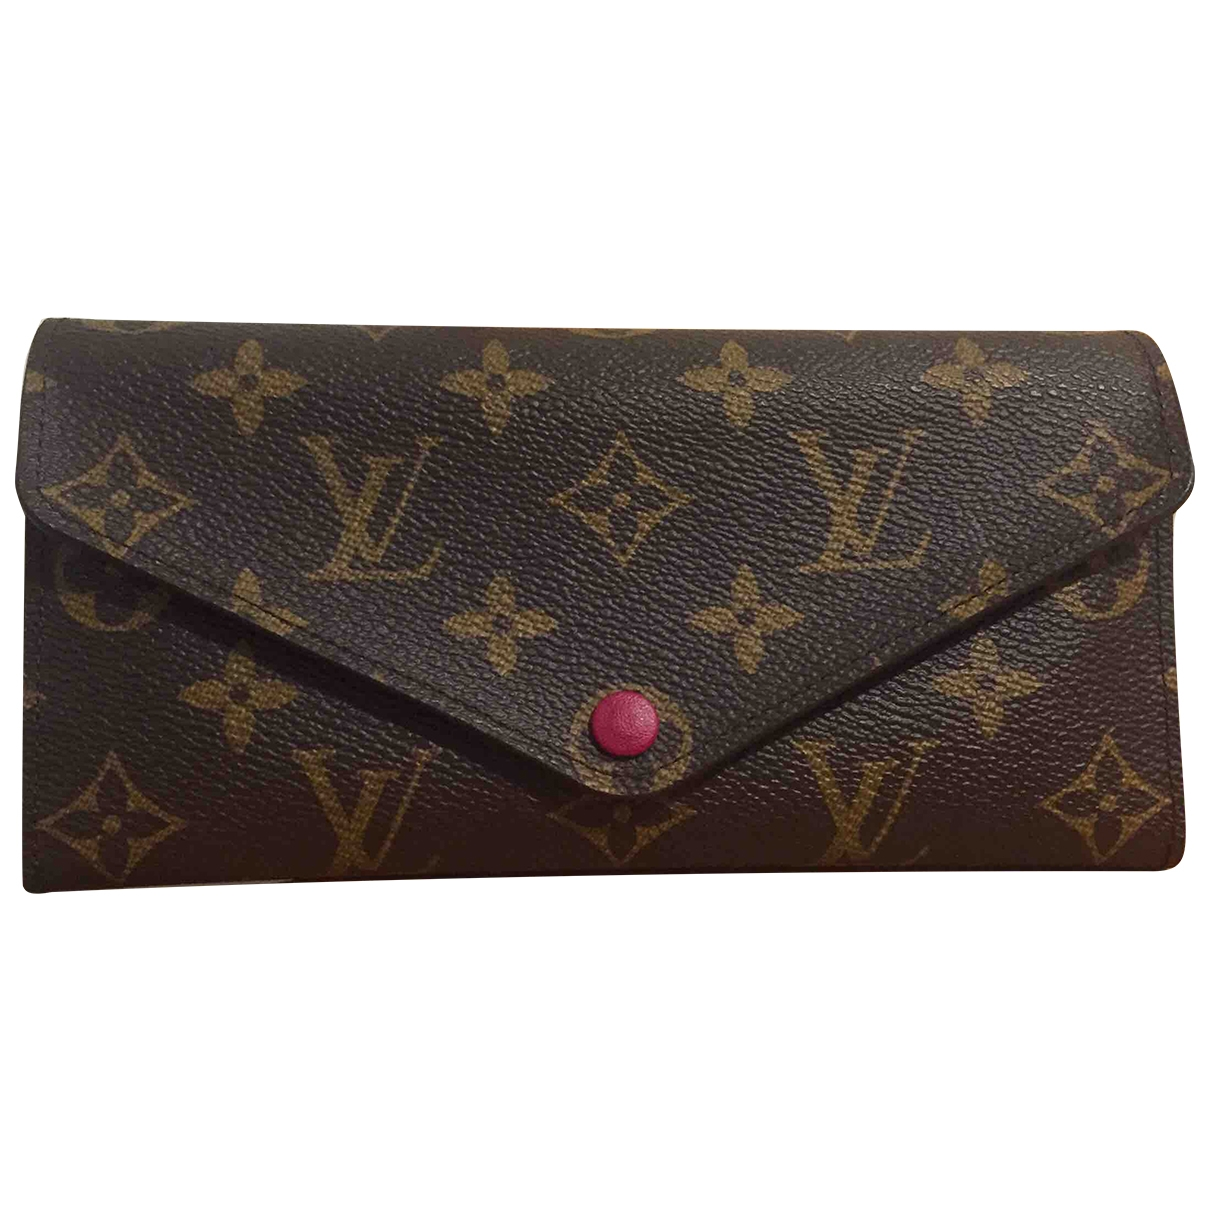 Cartera Josephine de Lona Louis Vuitton